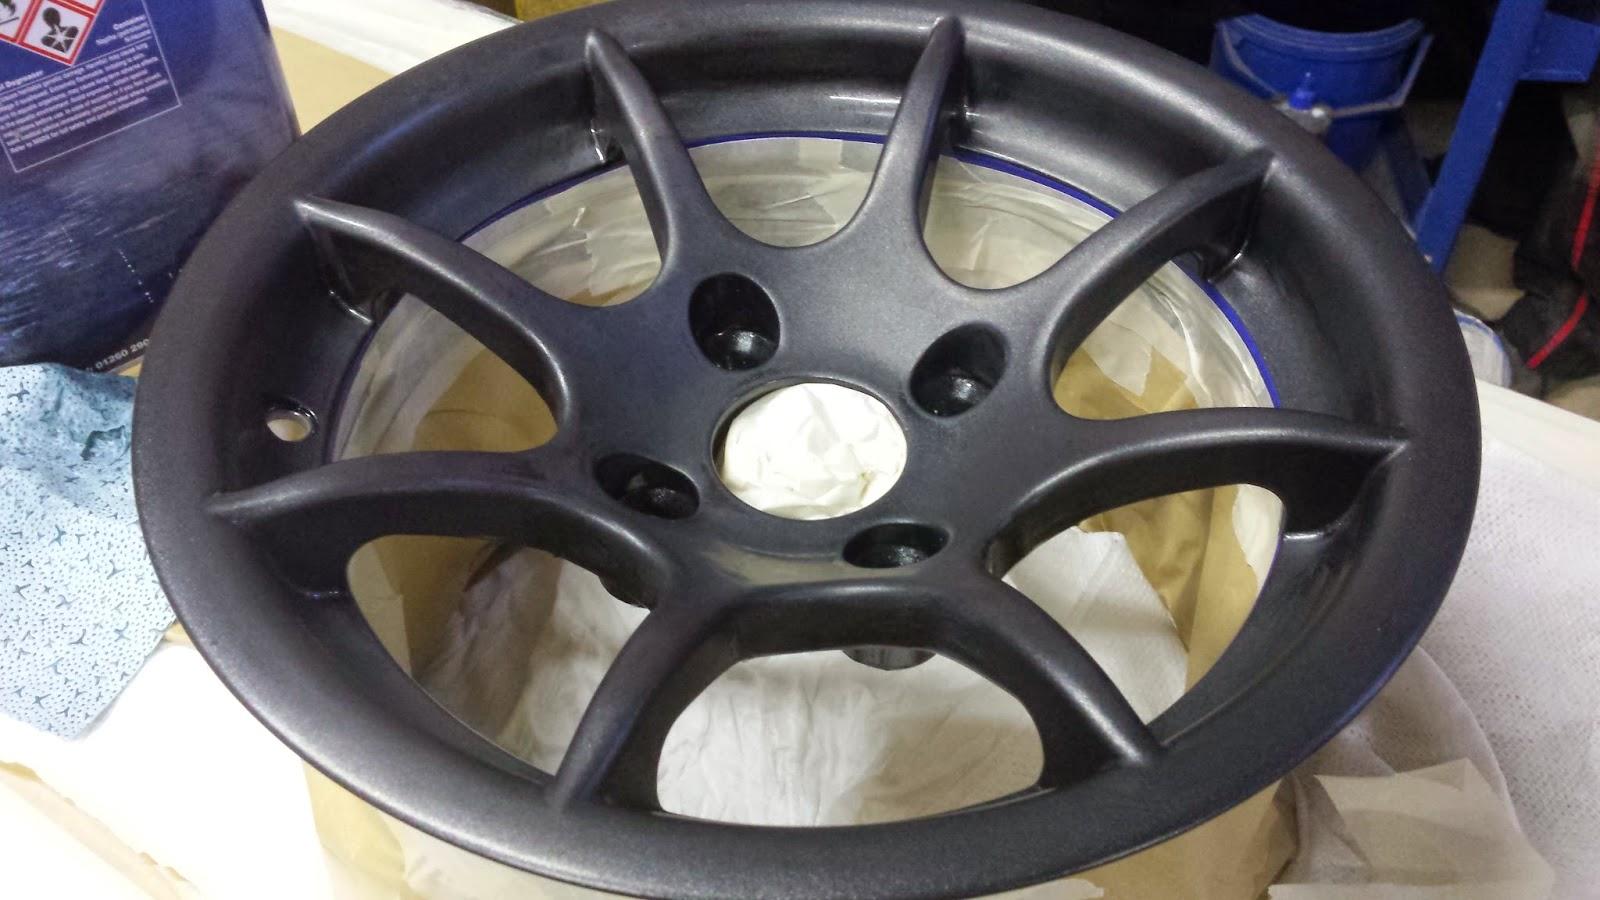 Inside of the wheel barrel masked